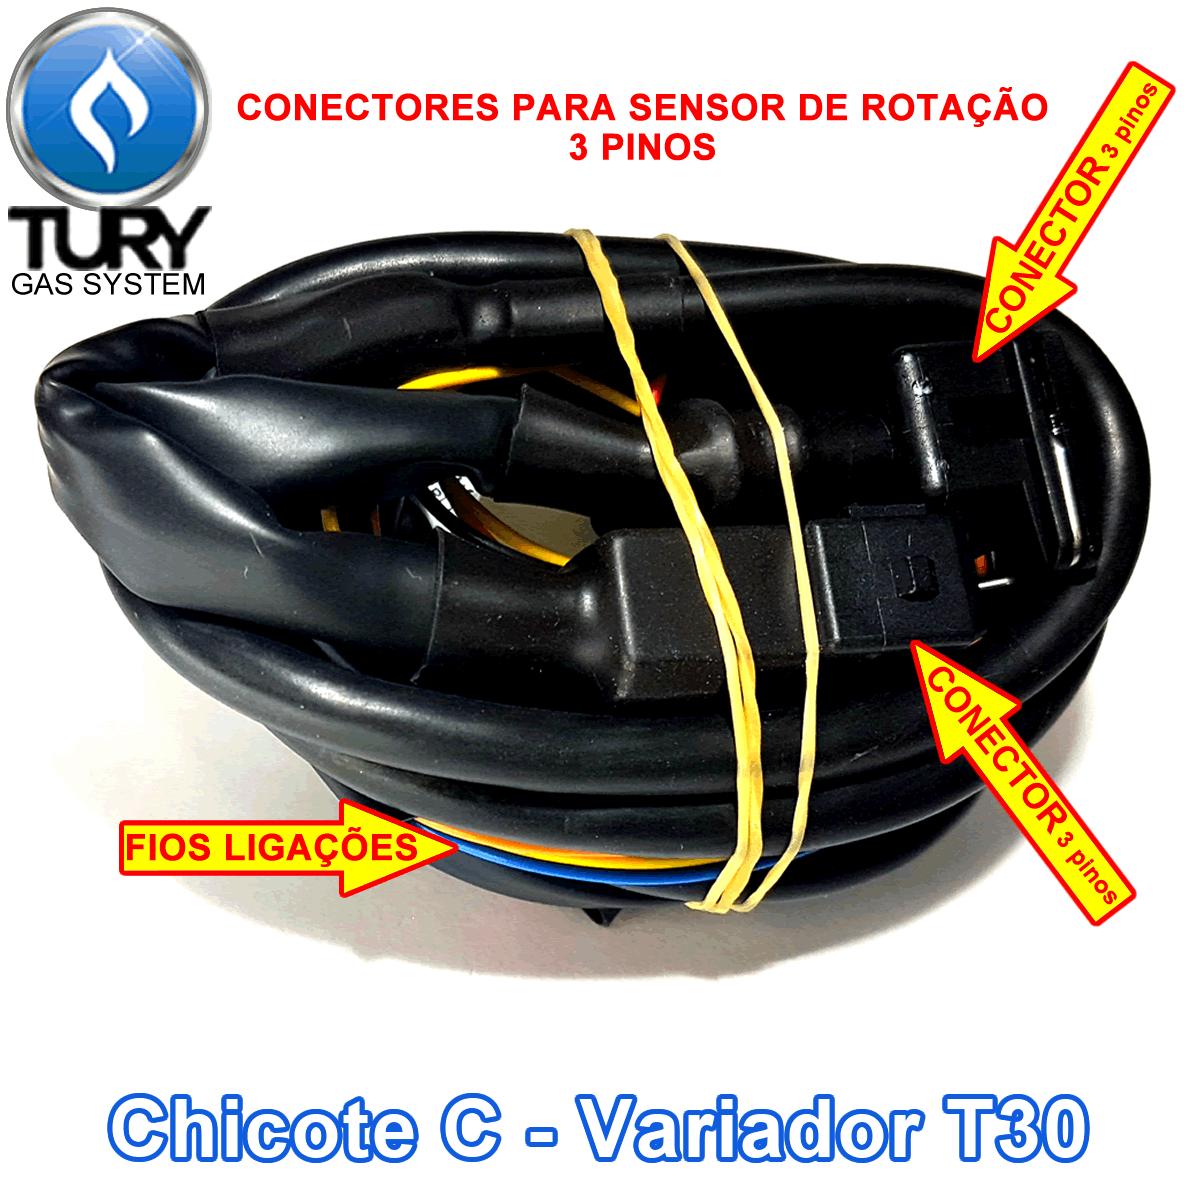 Variador de Avanço T30 Sensor Rotação c/Chicote TURY GAS